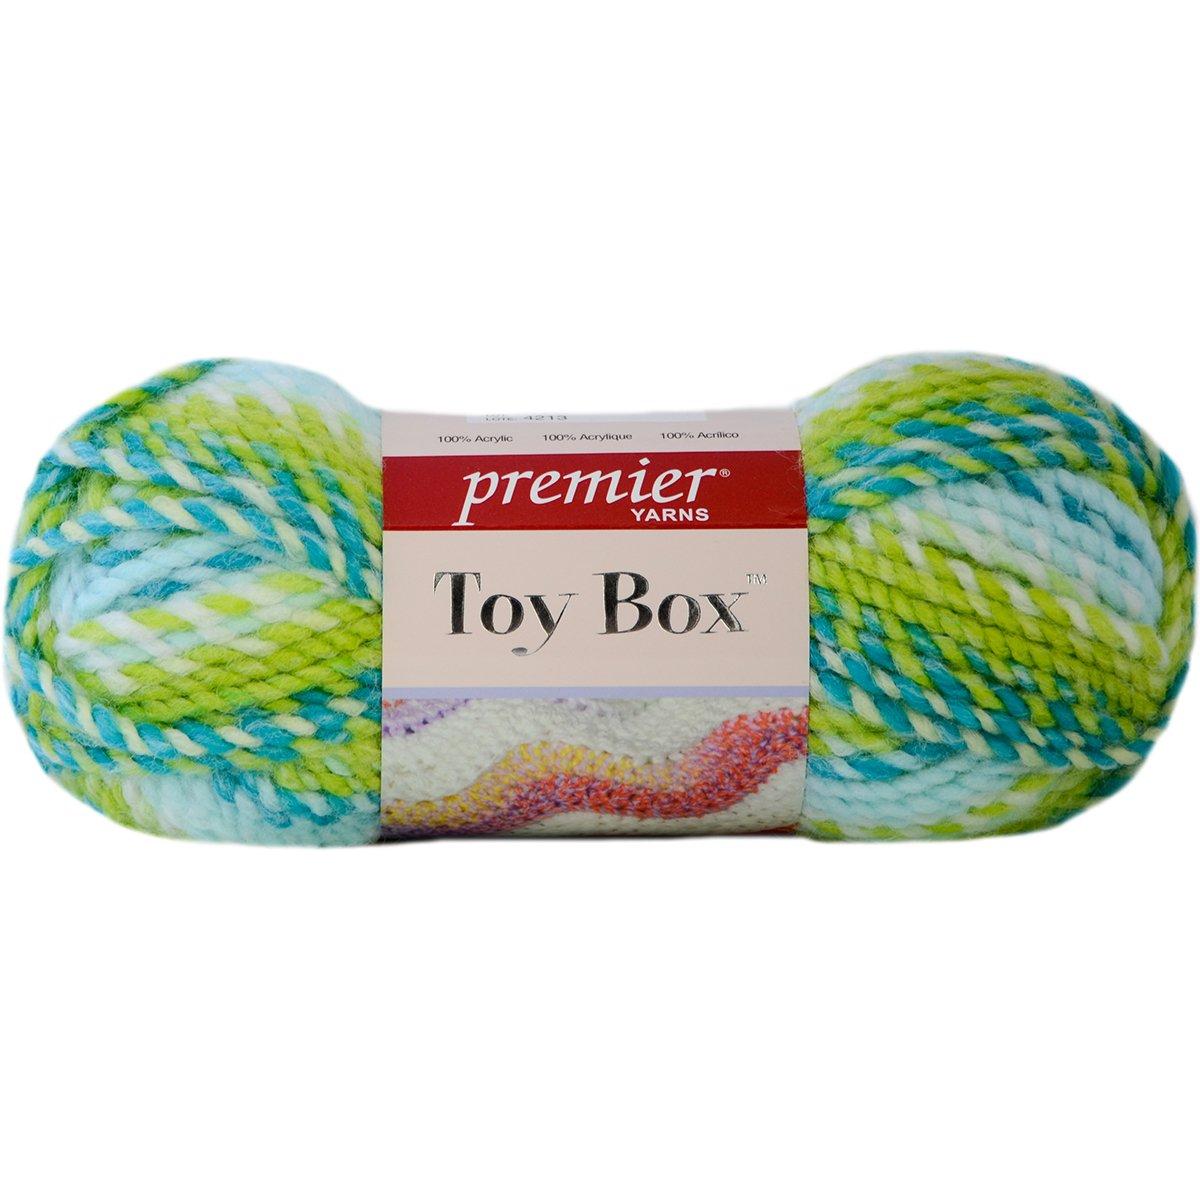 Premier Yarns 1056-04 Hula Hoop -Toy Box Yarn B072FJZC7T